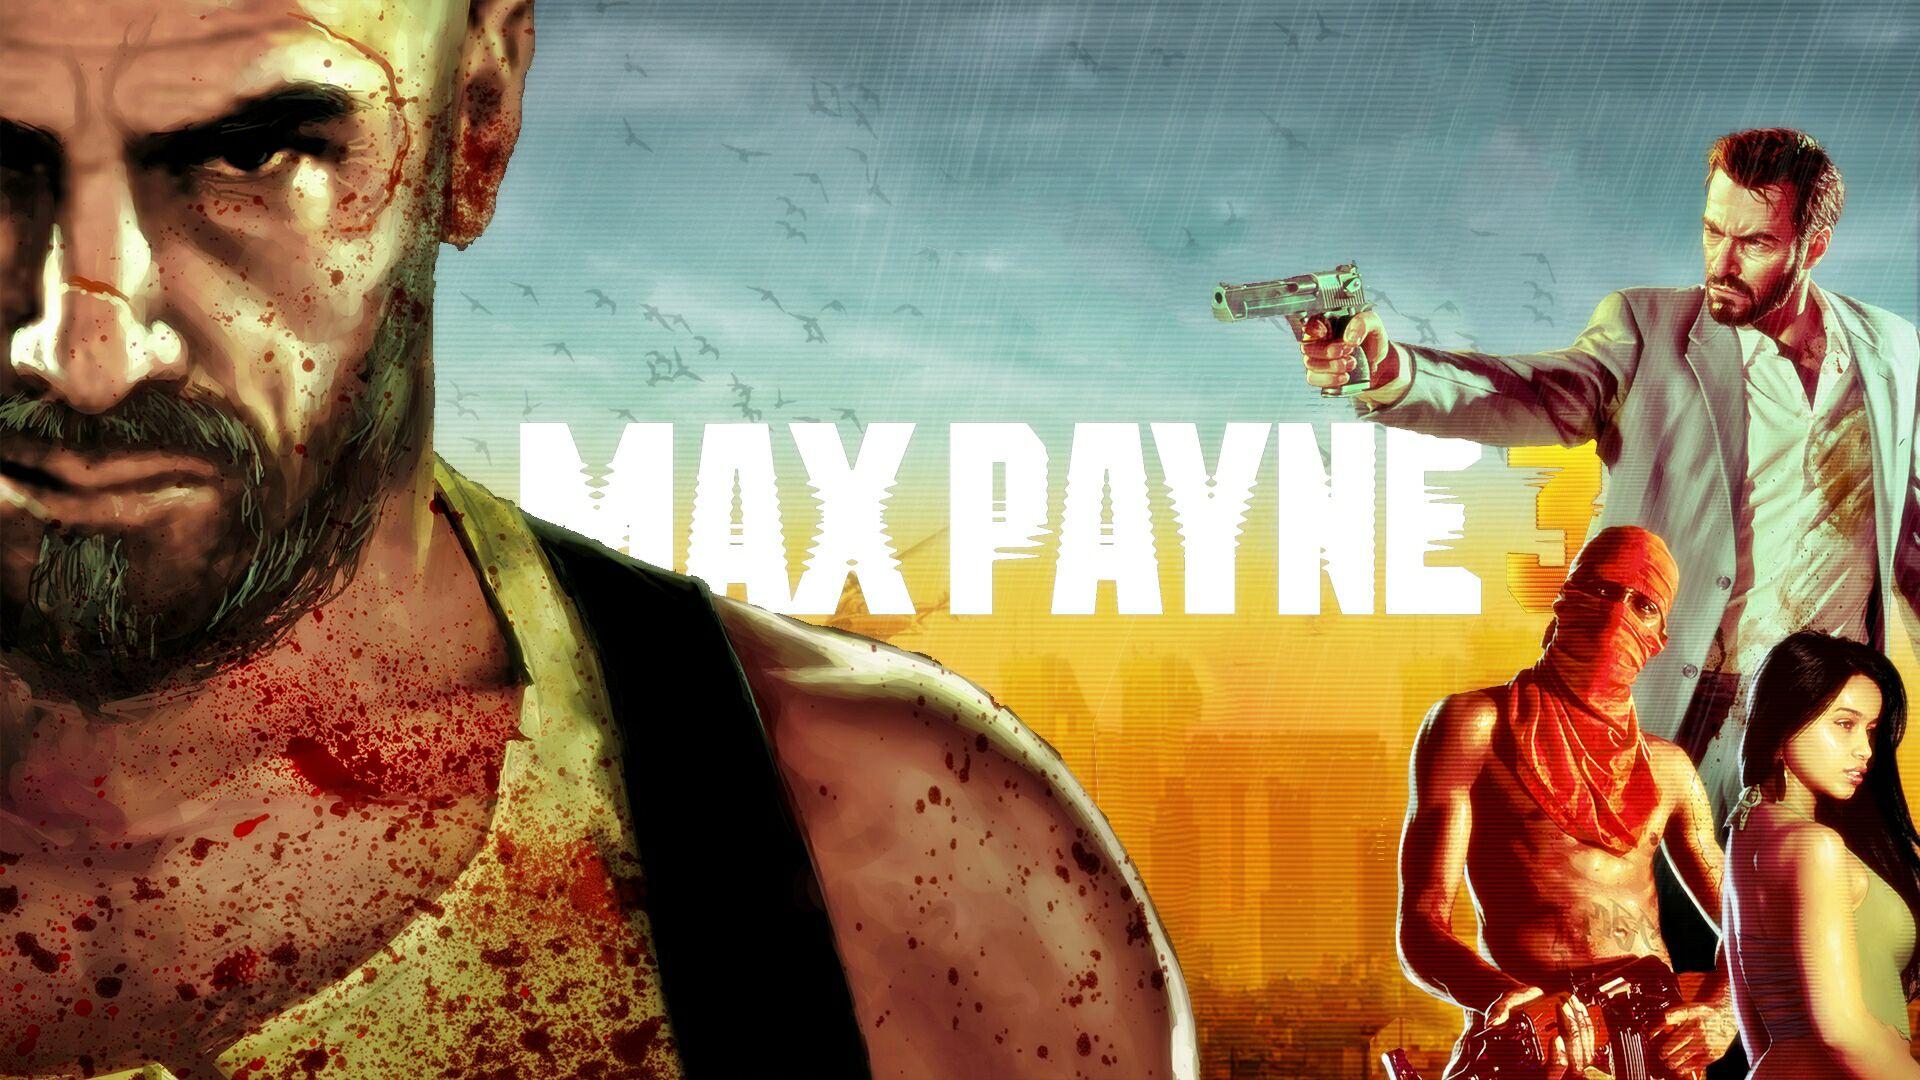 Max Payne 3 Speed Art Ibrahimyeniceriafn By Ibrahimyeniceriafn On